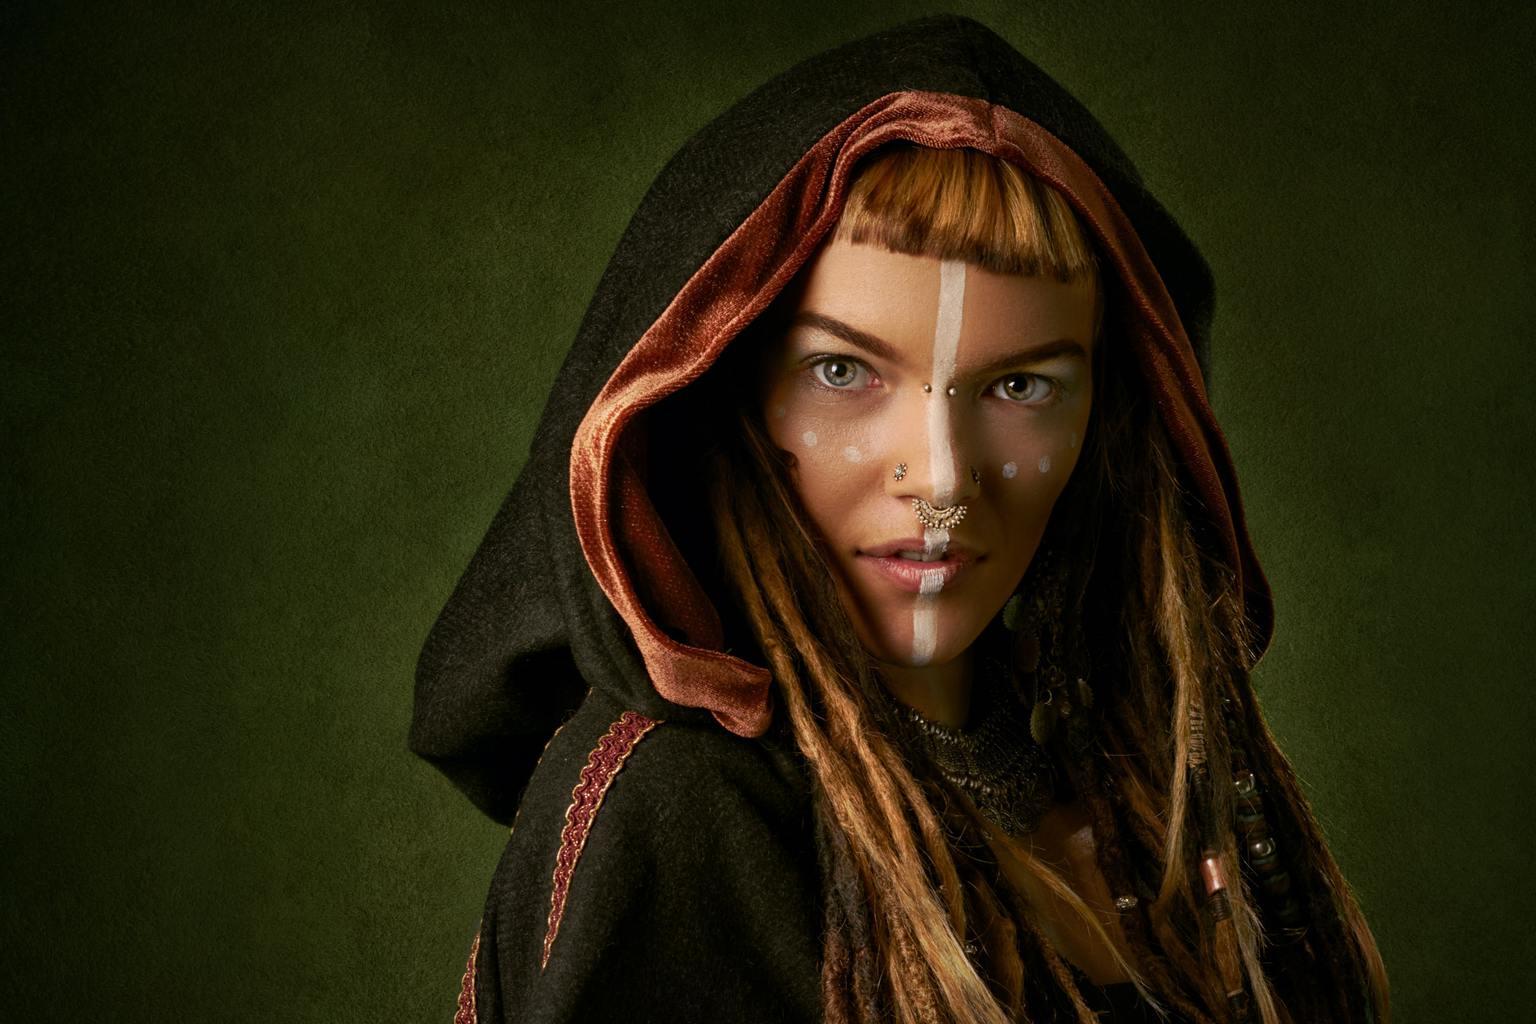 Retrato de mujer con un atuendo y maquillaje que evoca a lo exótico y a historias de otras culturas